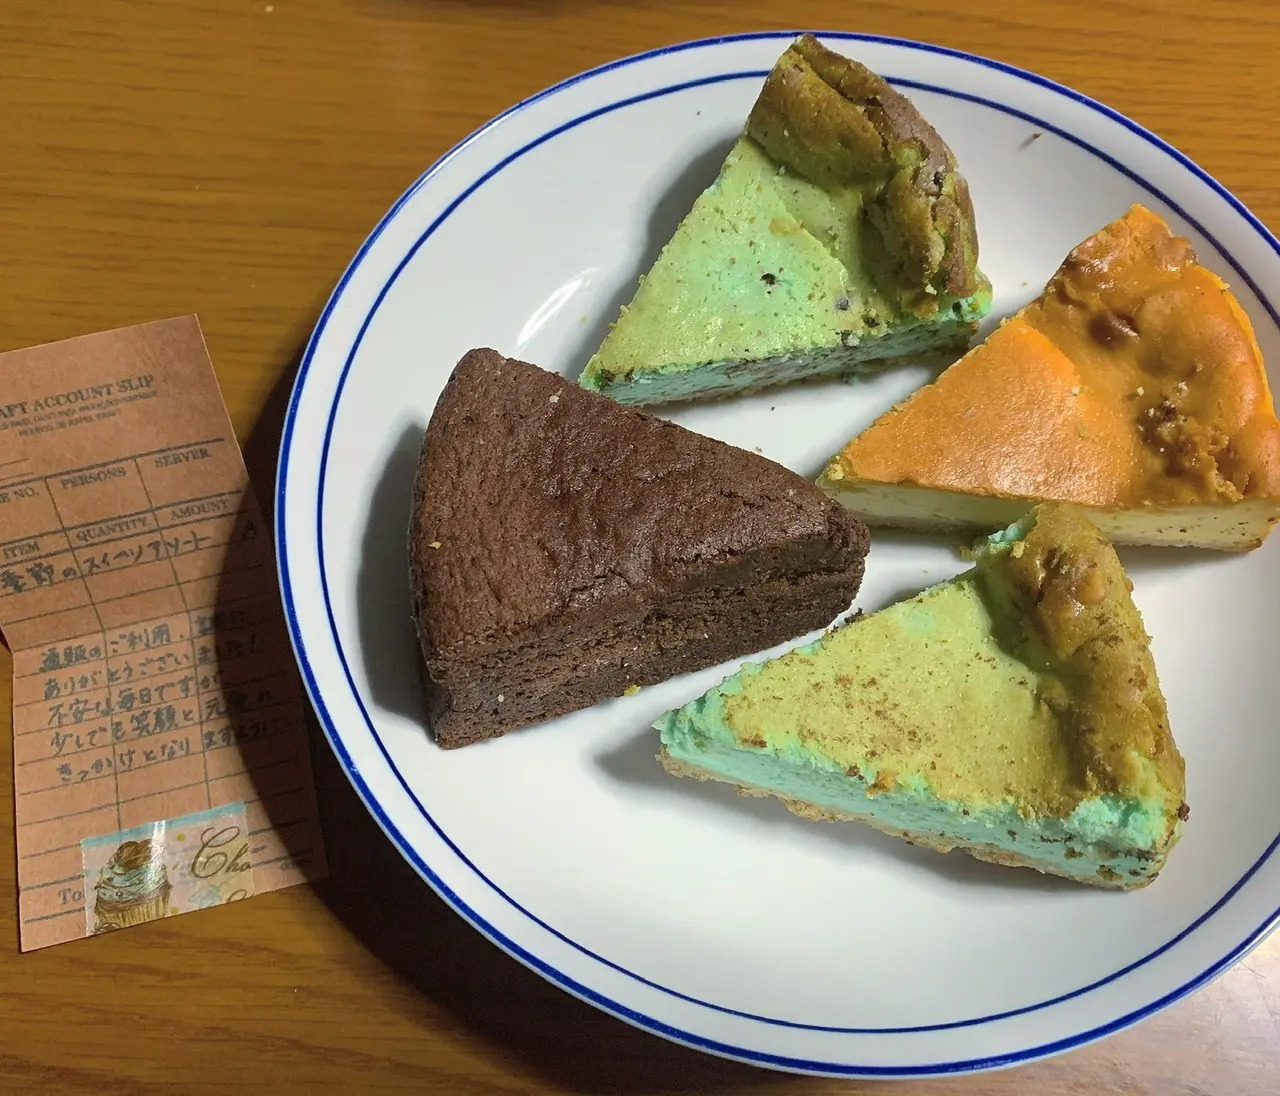 チョコミン党の聖地と言われる京都『Cafe 1001』のケーキ